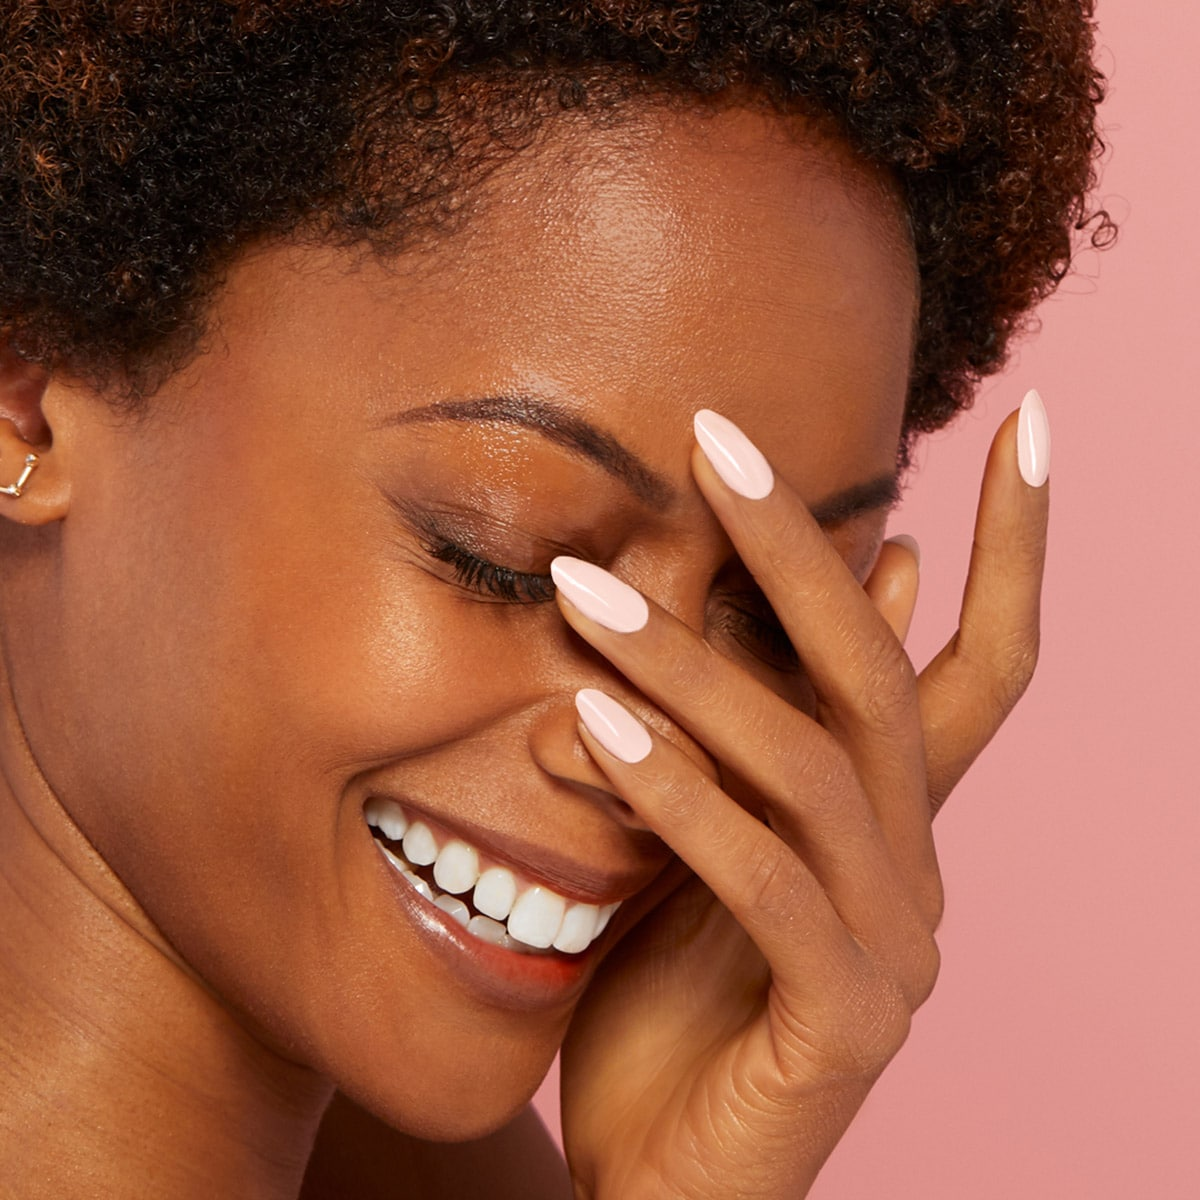 Lachende Frau mit lackierten Nägeln